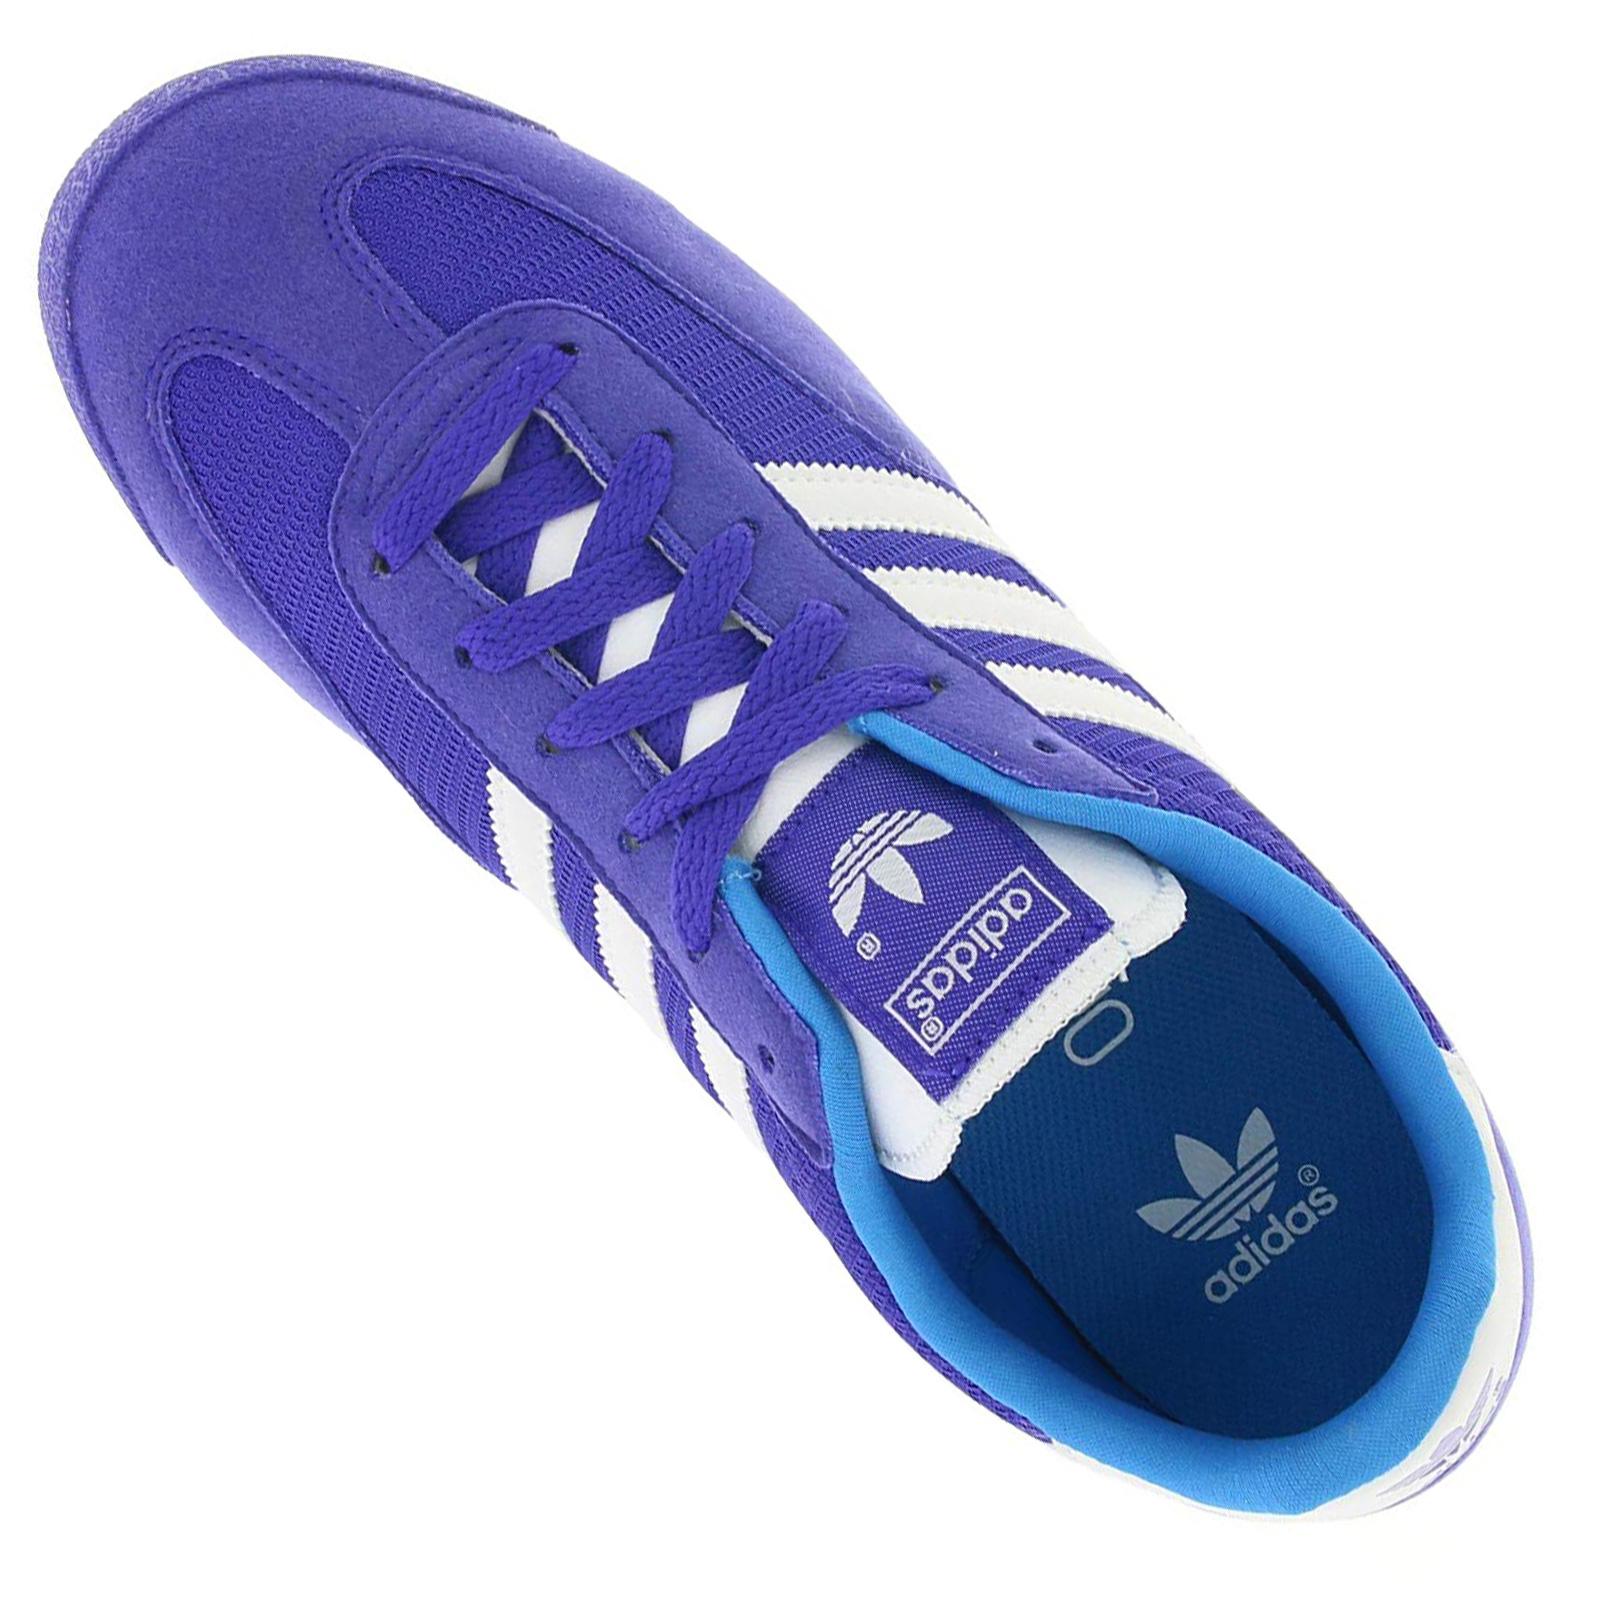 36 Damen Mädchen Schuhe Lila Adidas Zu Details Dragon Freizeitsneaker Originals ulF35TK1Jc